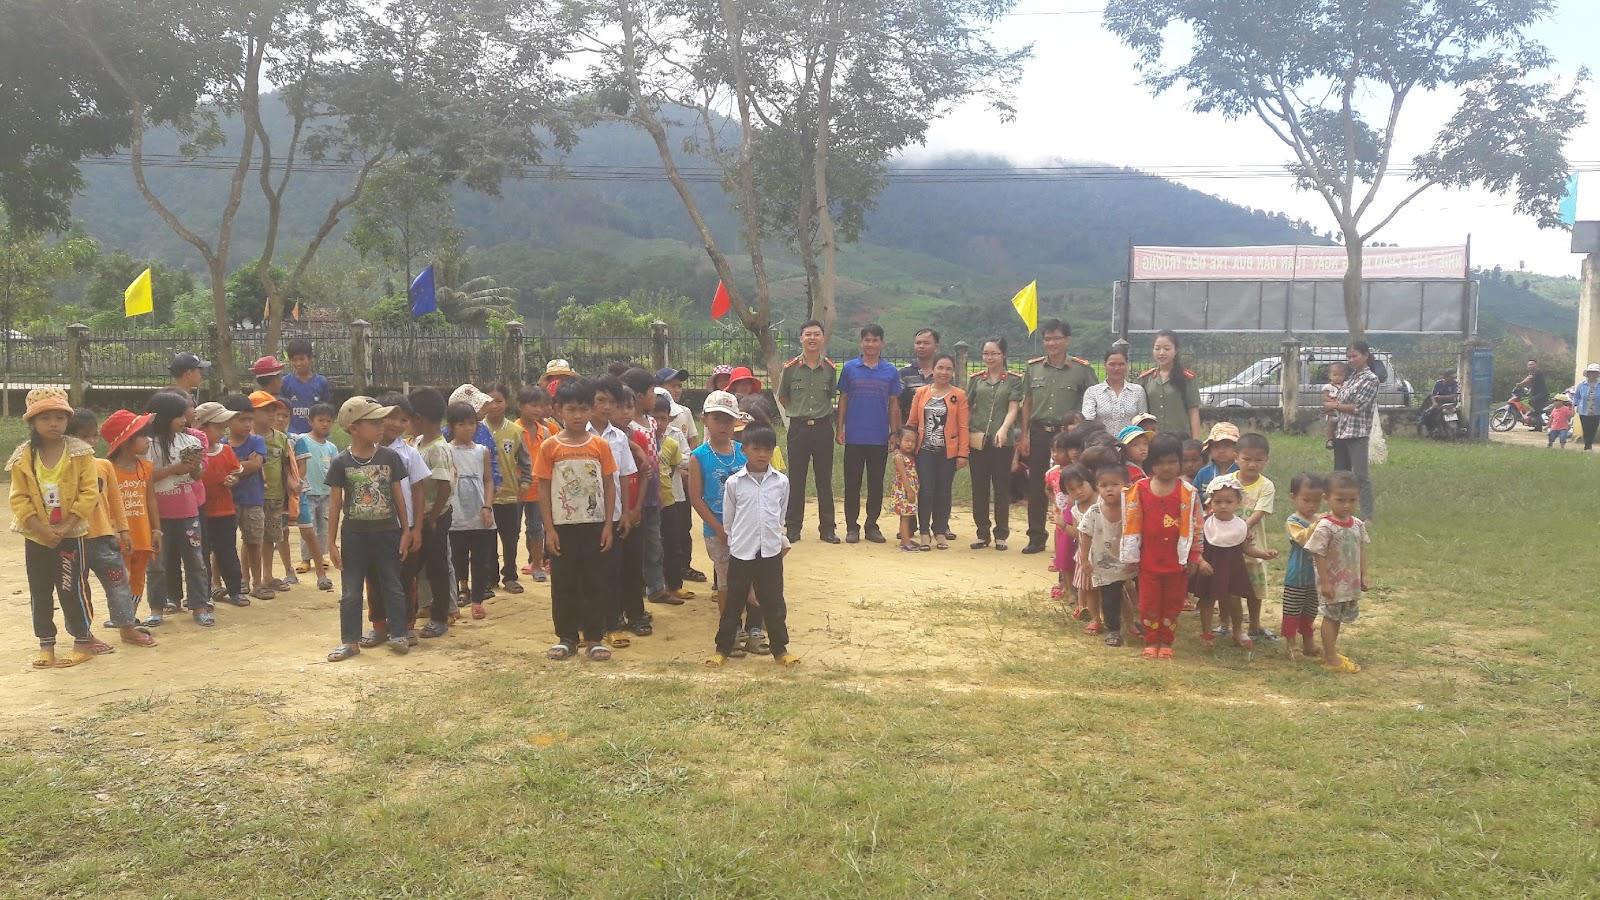 Hội Phụ nữ cơ sở An ninh nhân dân 1 tổ chức Trung thu cho các em nhỏ tại xã Đăk Ui - huyện Đăk Hà